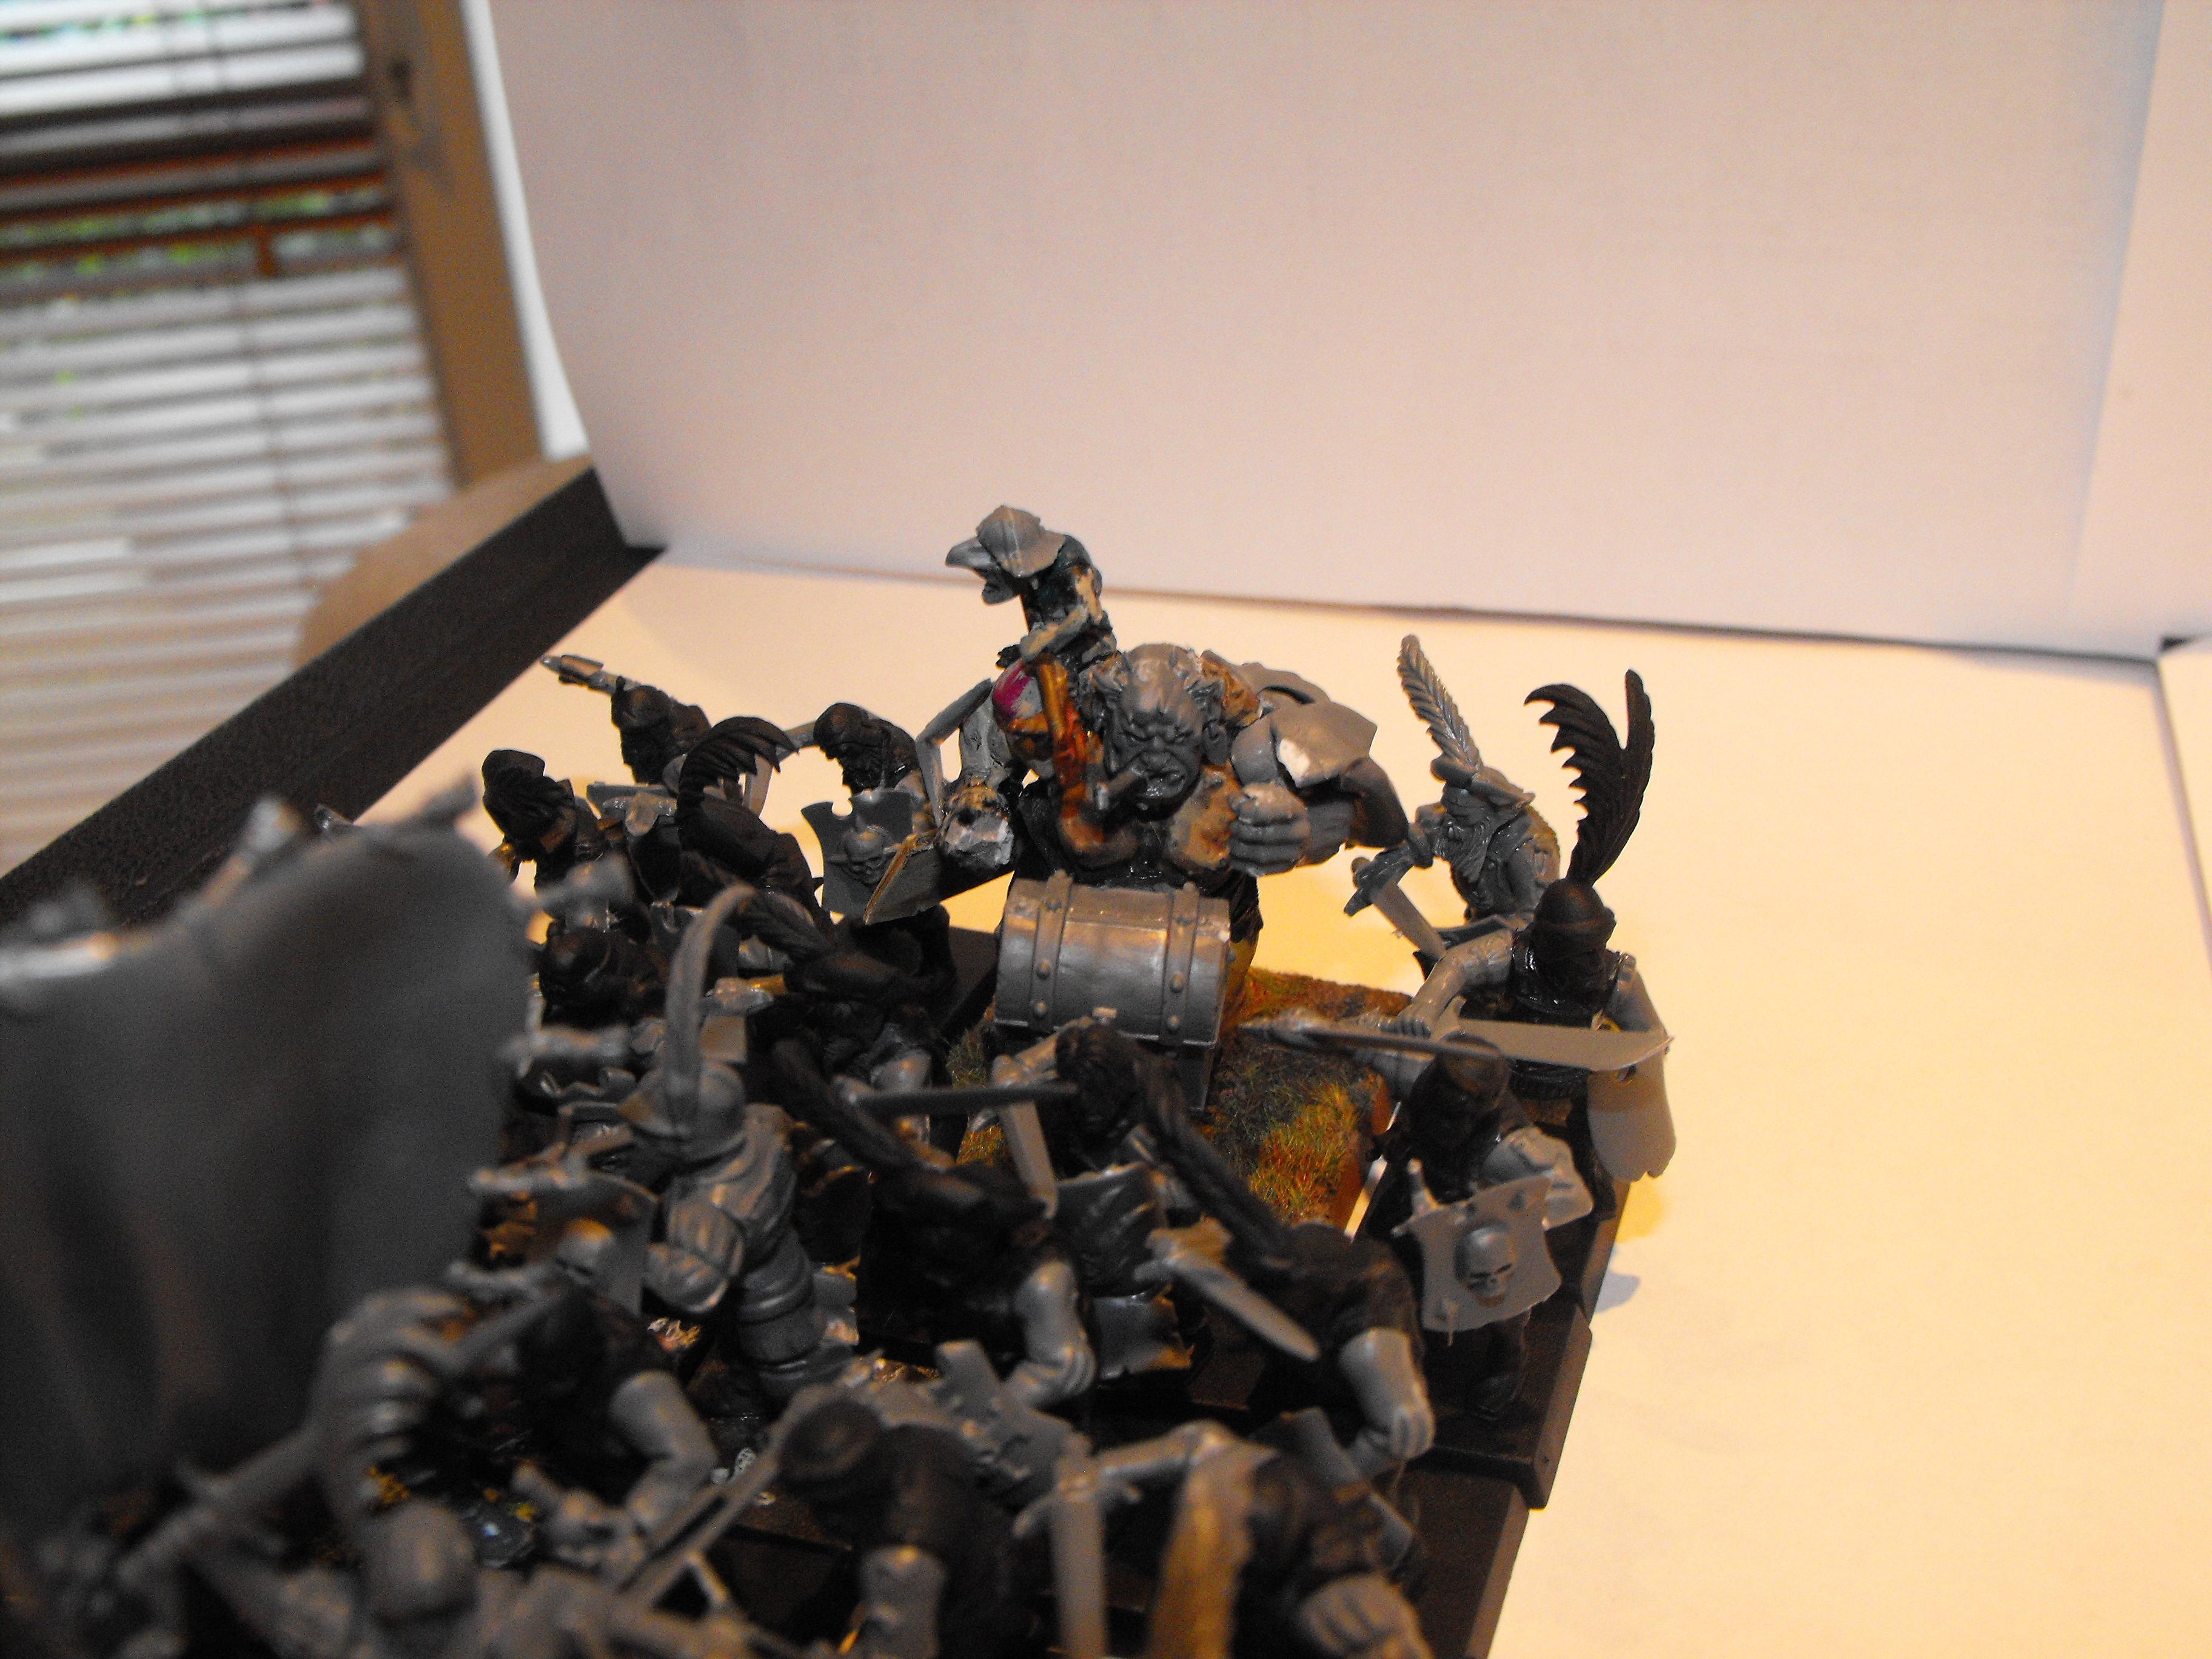 The Ogre unit filler